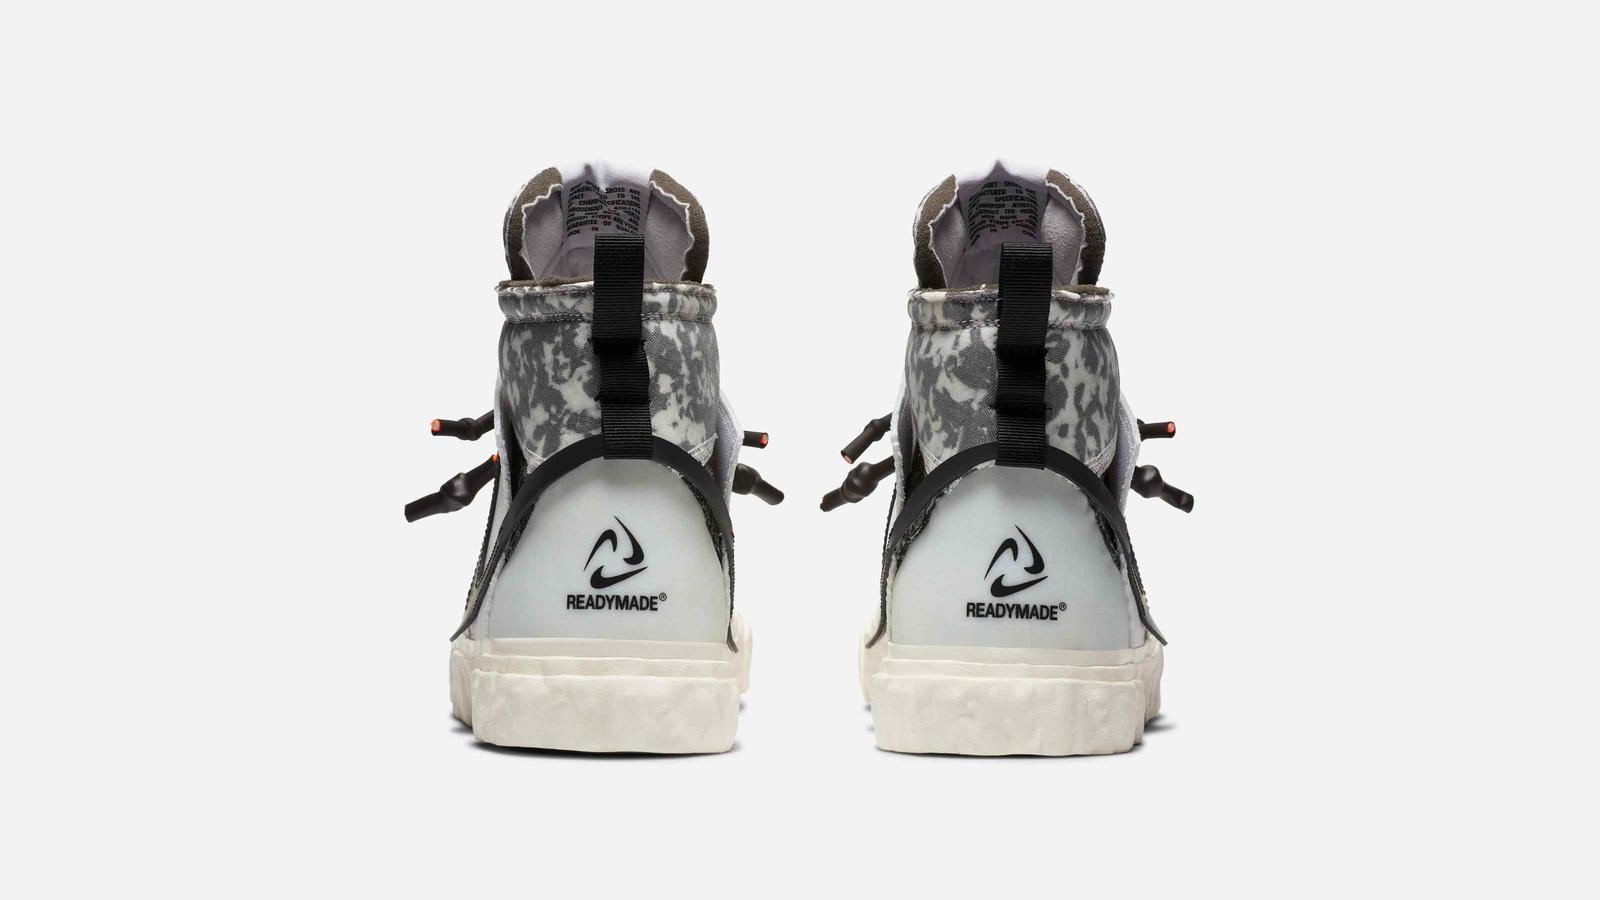 Nike x Readymade Blazer Mid 13